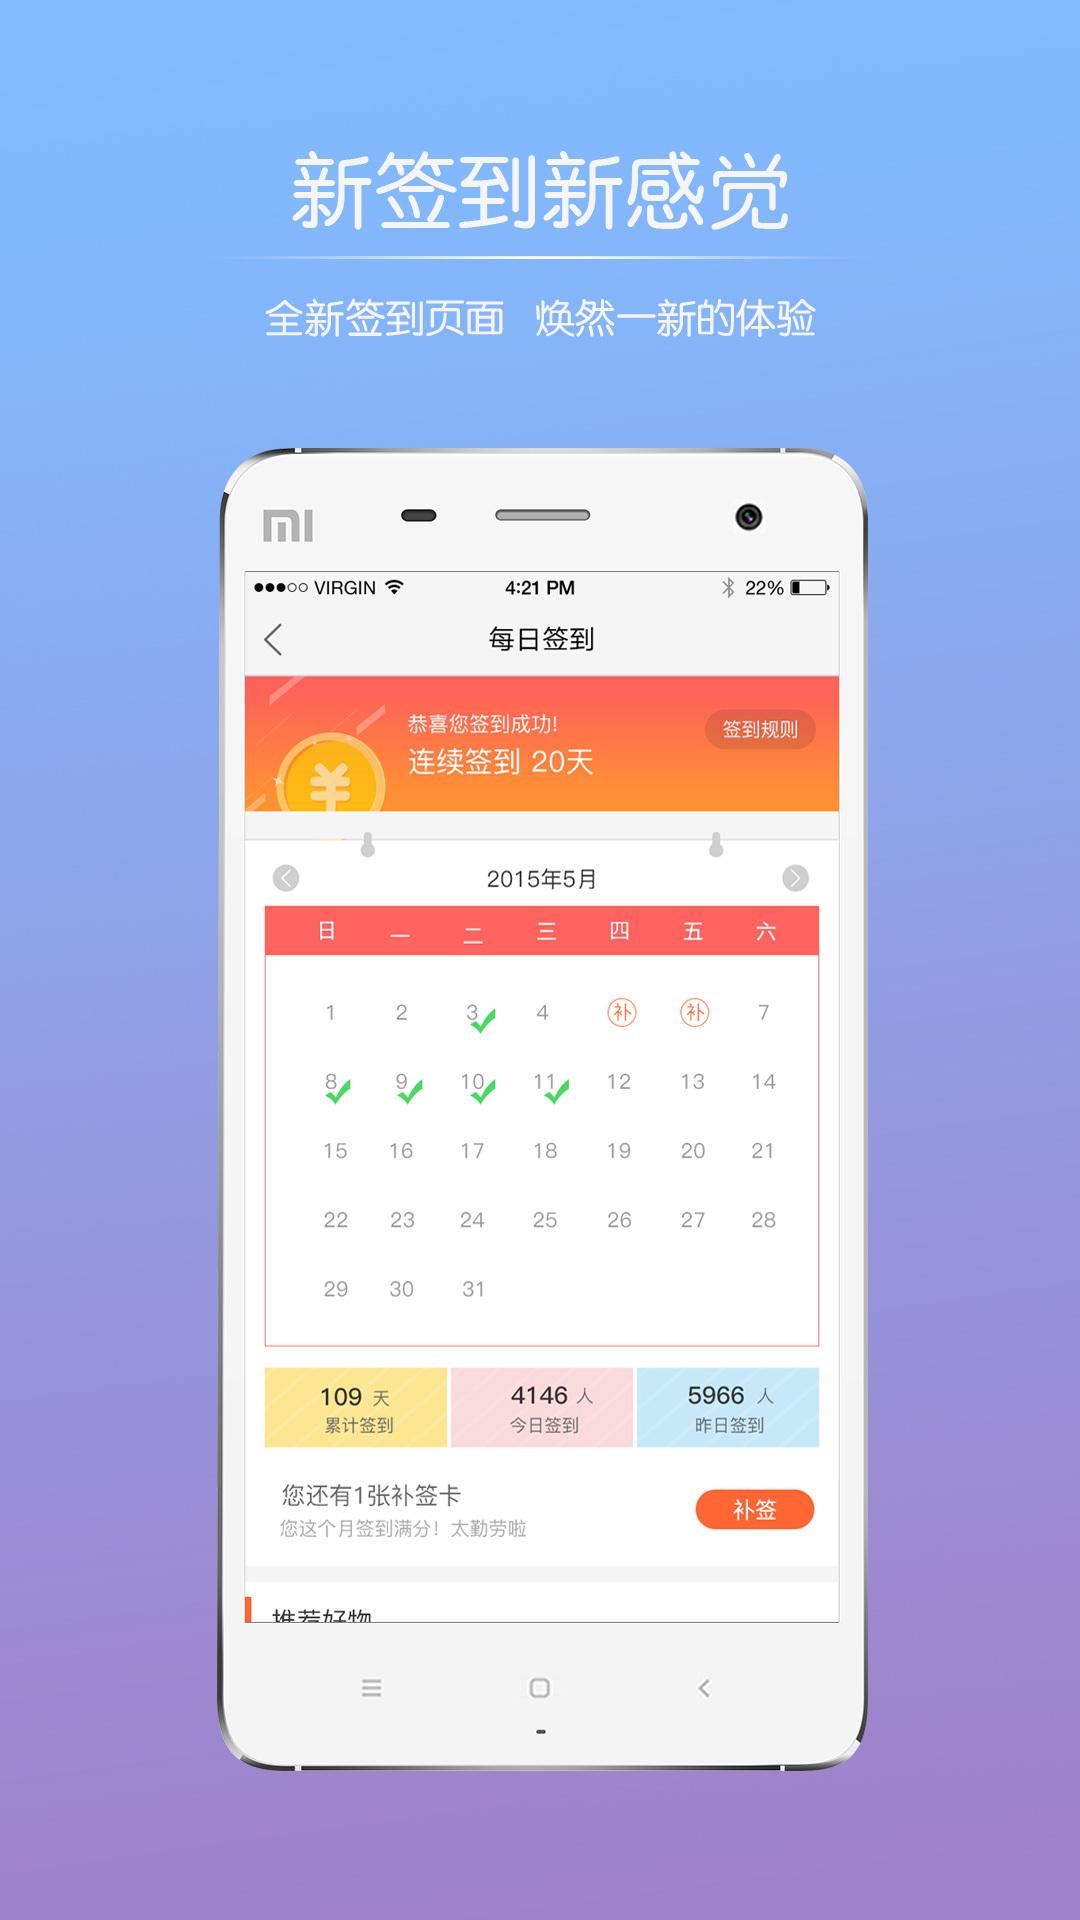 爱泗洪app官方网站下载图3: